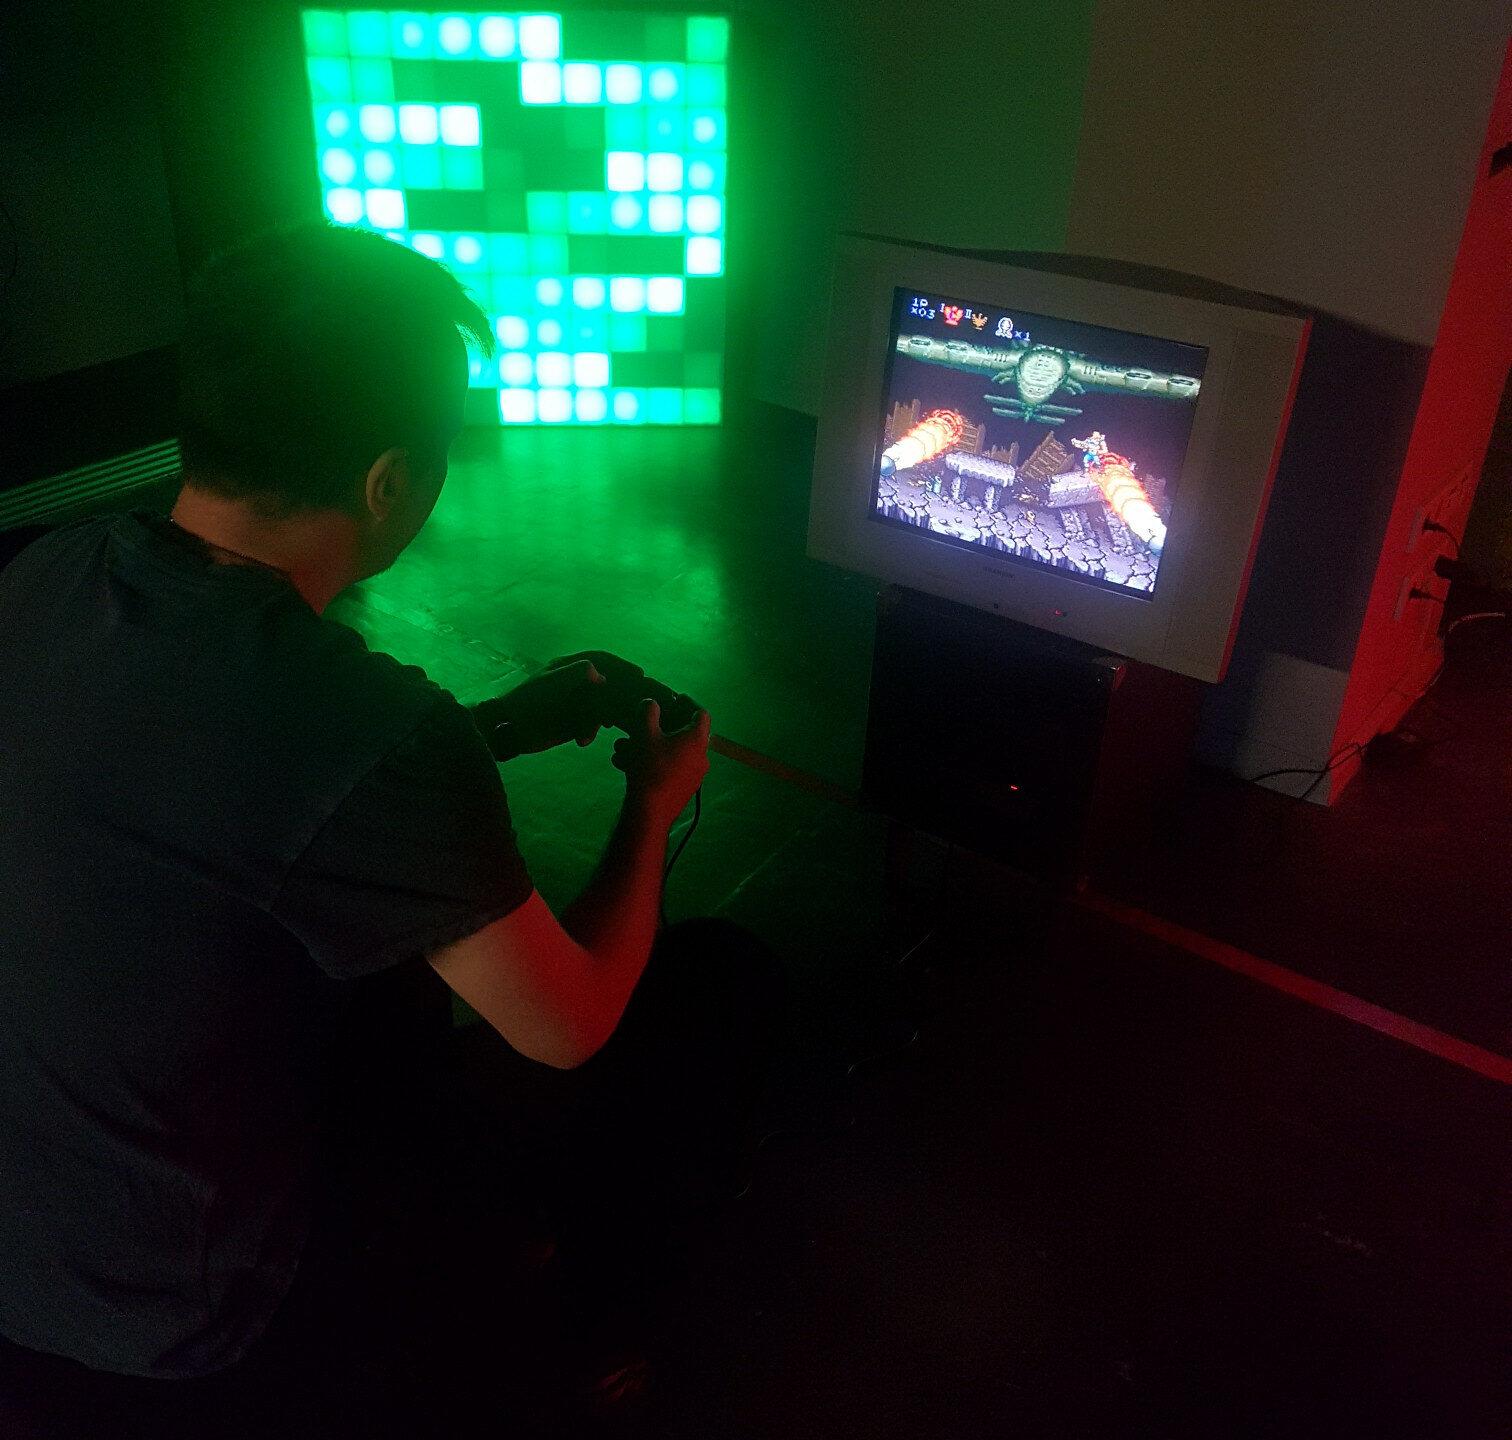 Les skills de Noël Malware, capable de finir le 3e niveau de Contra avec un pad à moitié pété, forcent le respect.